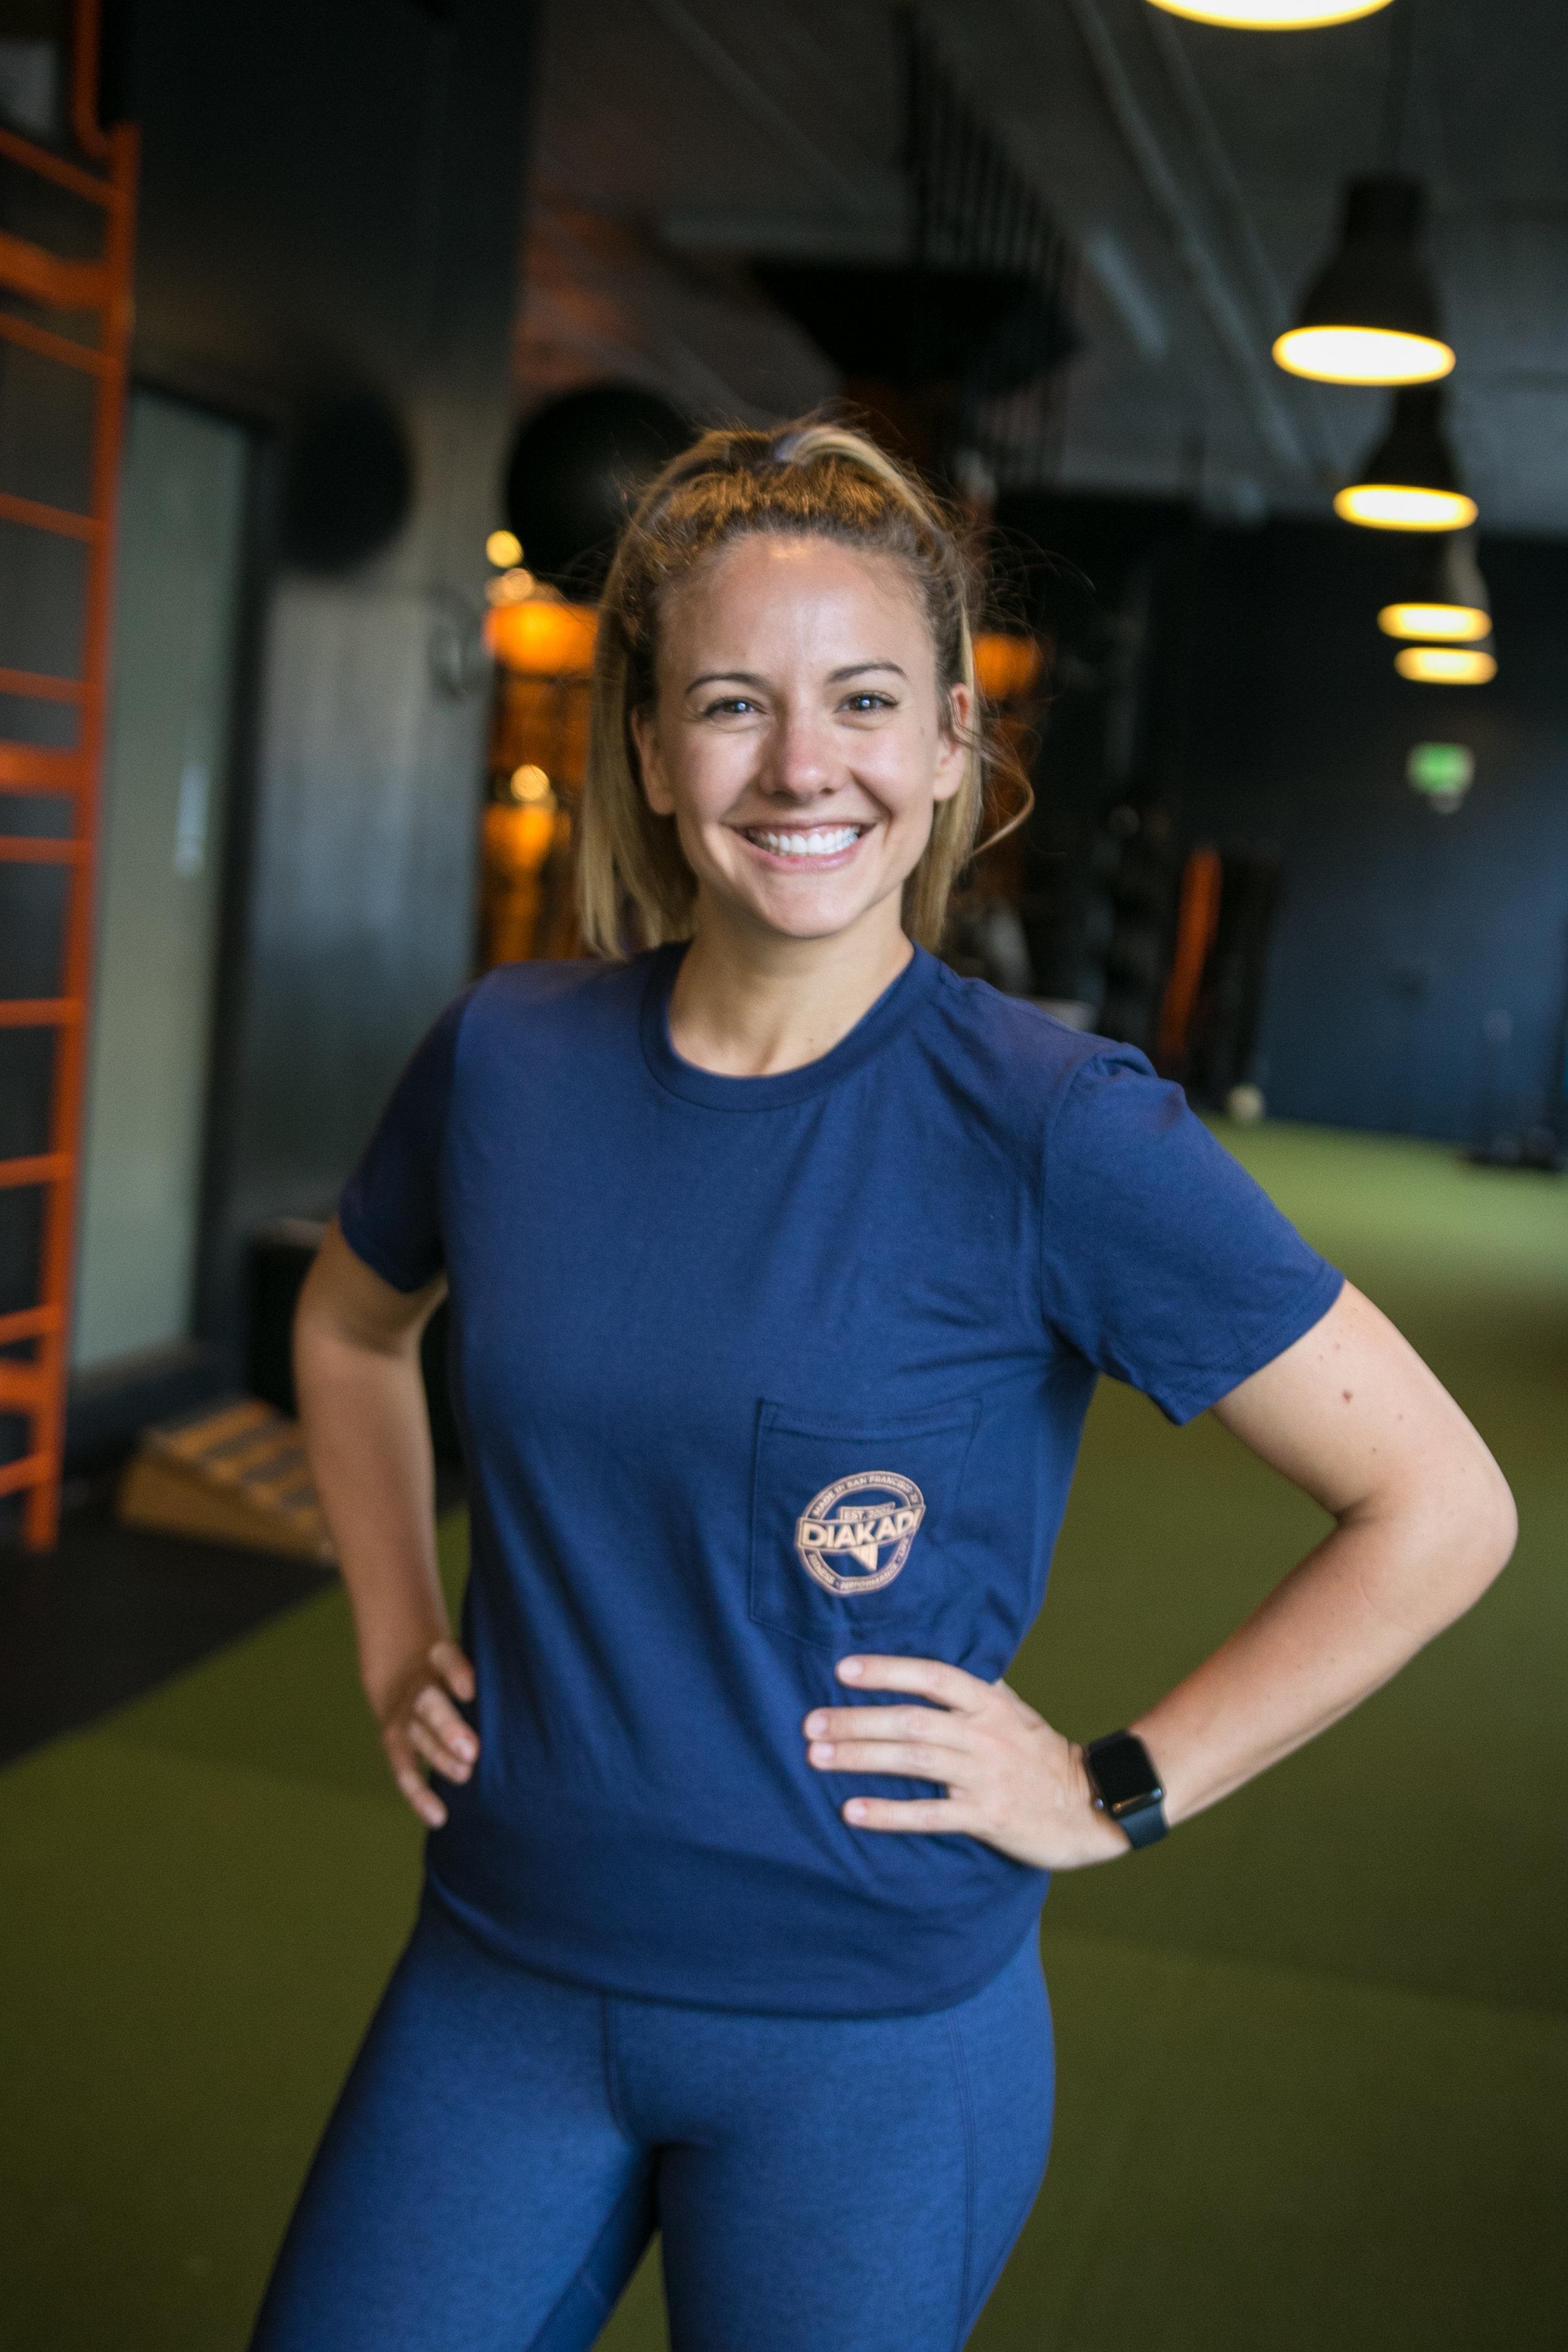 Kate Telge San Francisco DIAKADI Personal Trainer.jpg